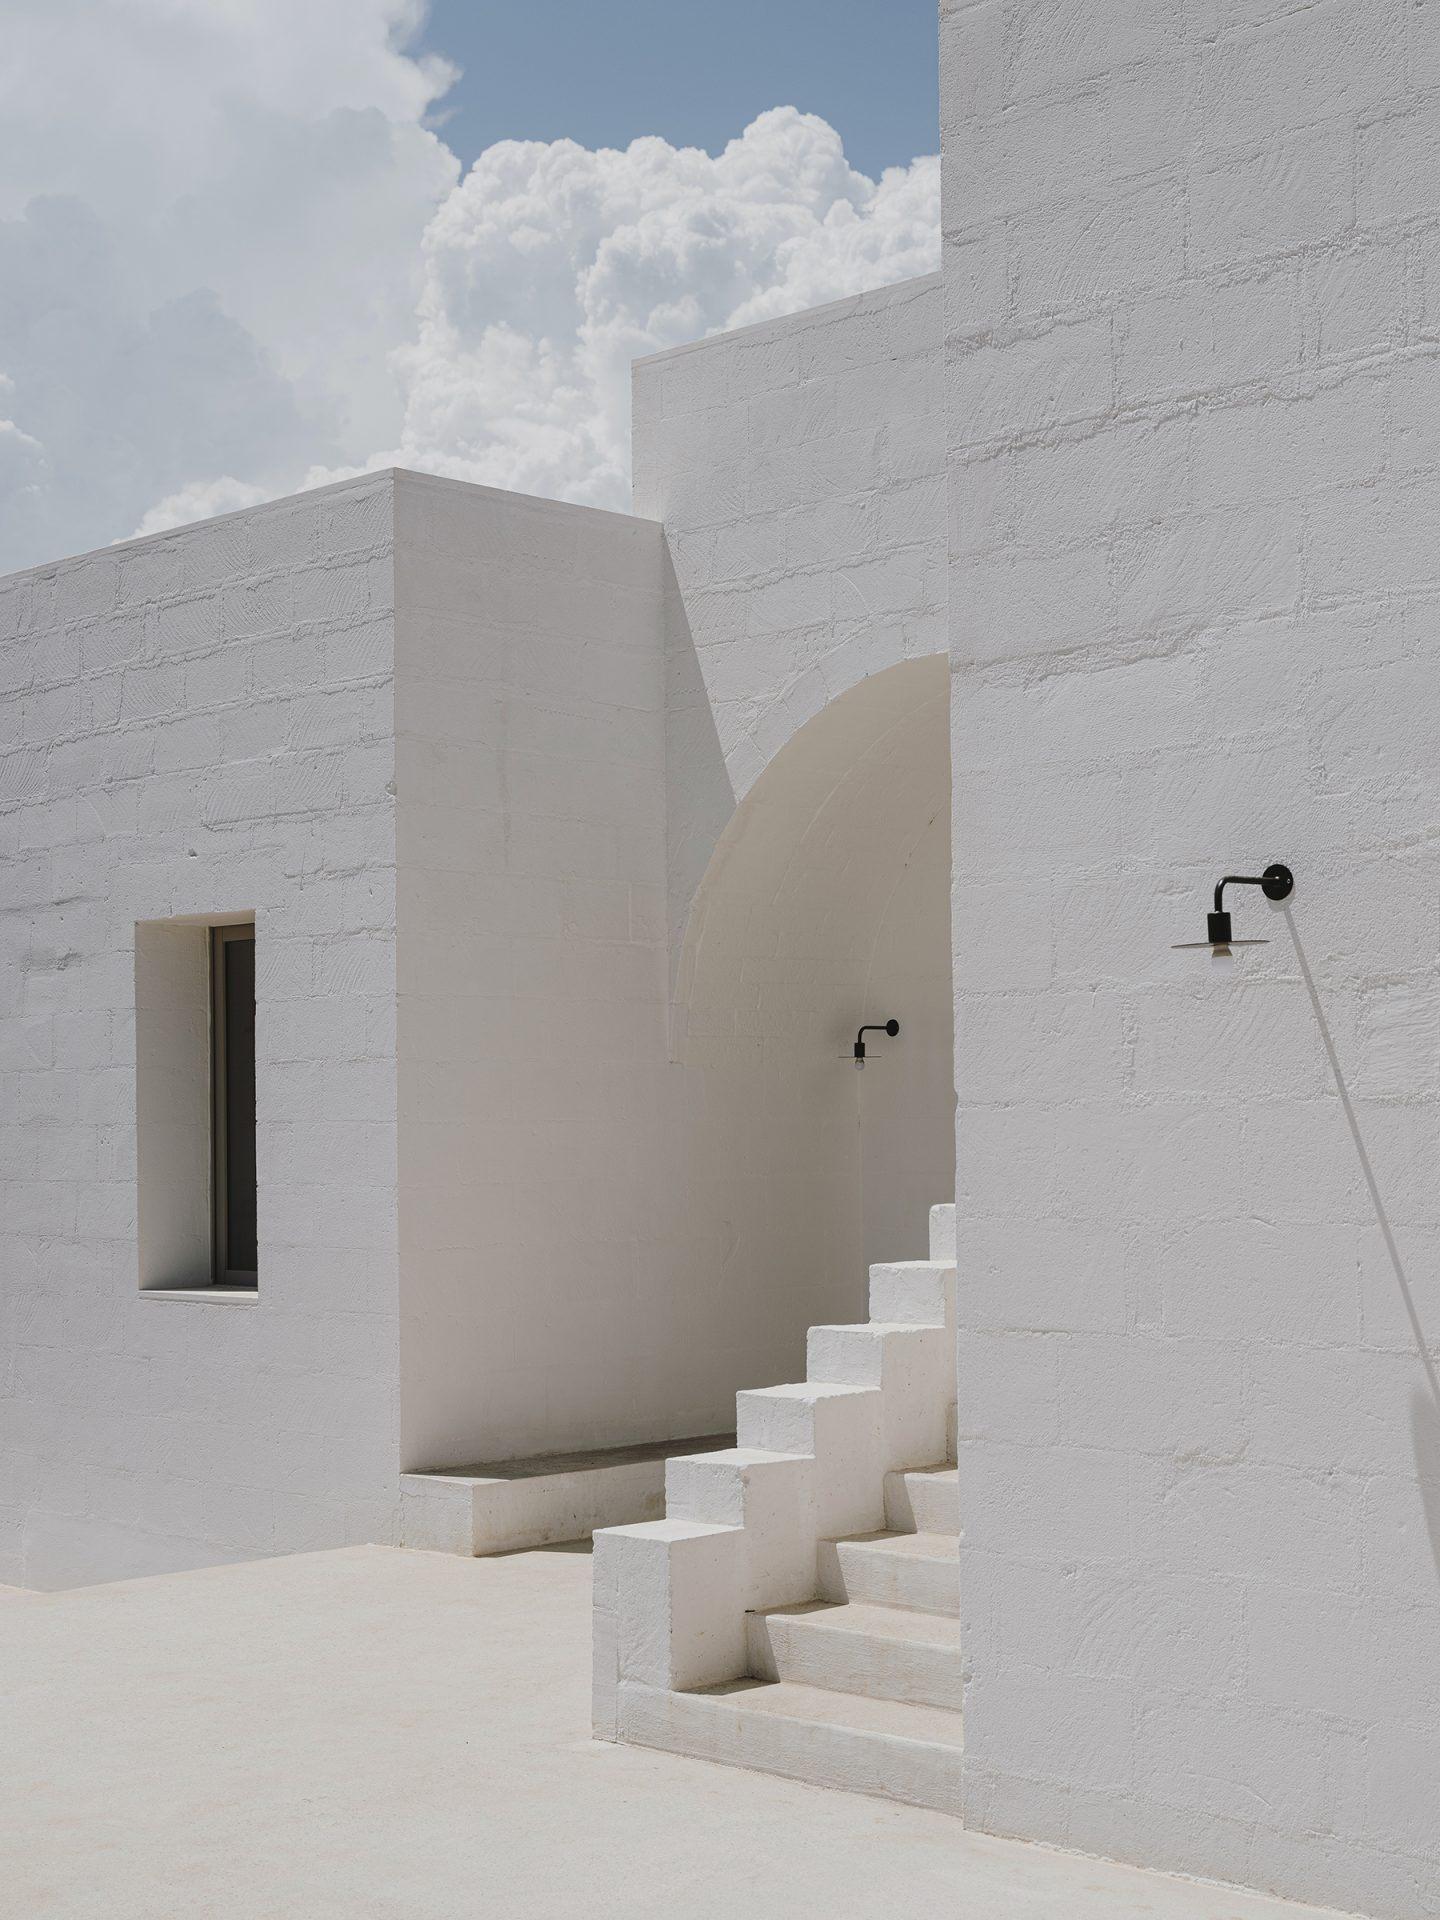 IGNANT-Architecture-Andrew-Trotter-Villa-Cardo-4